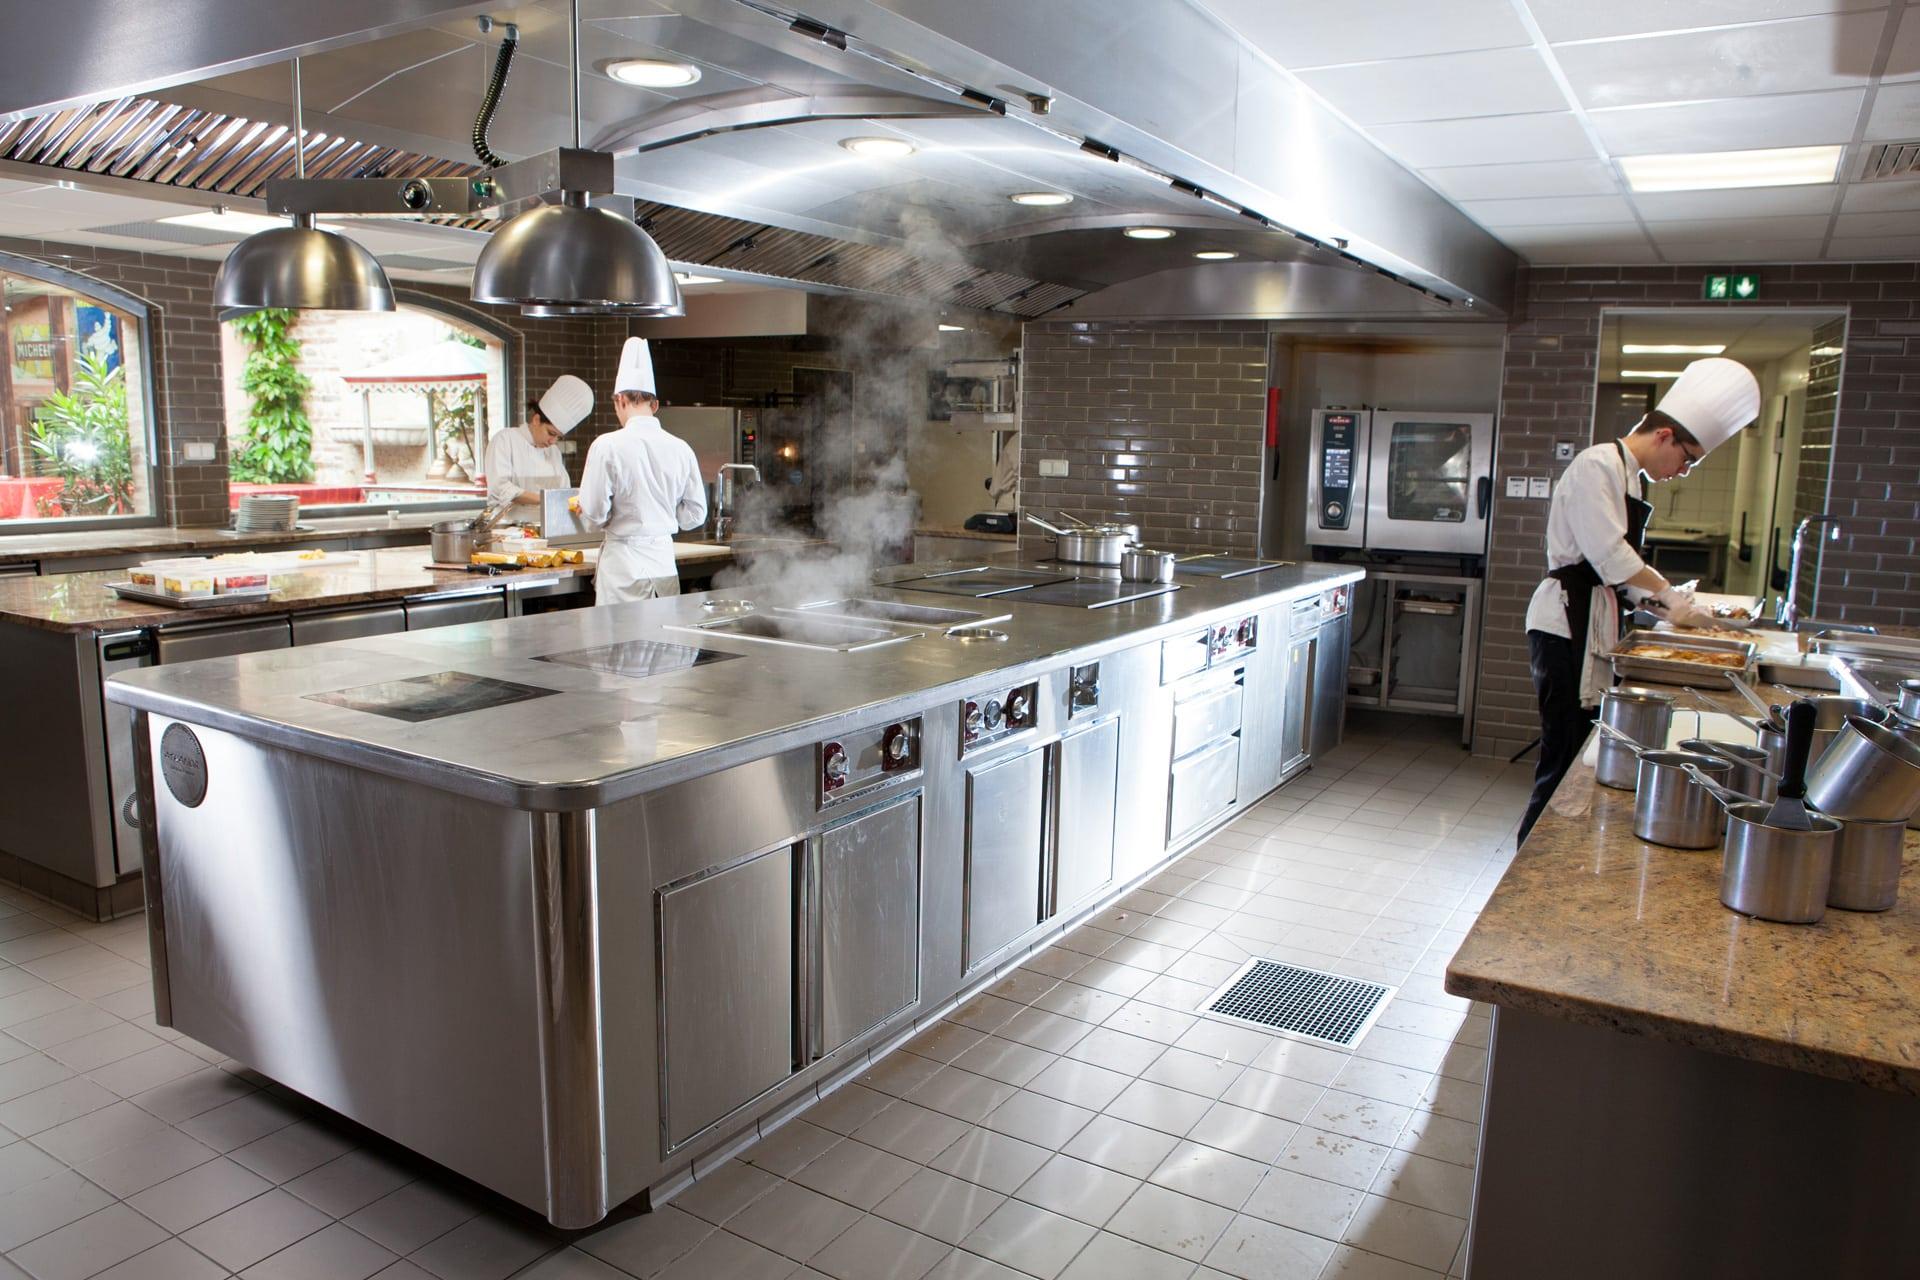 Mettez votre cuisine aux normes pour pr venir les risques sanitaires - Cuisine professionnelle bonnet ...